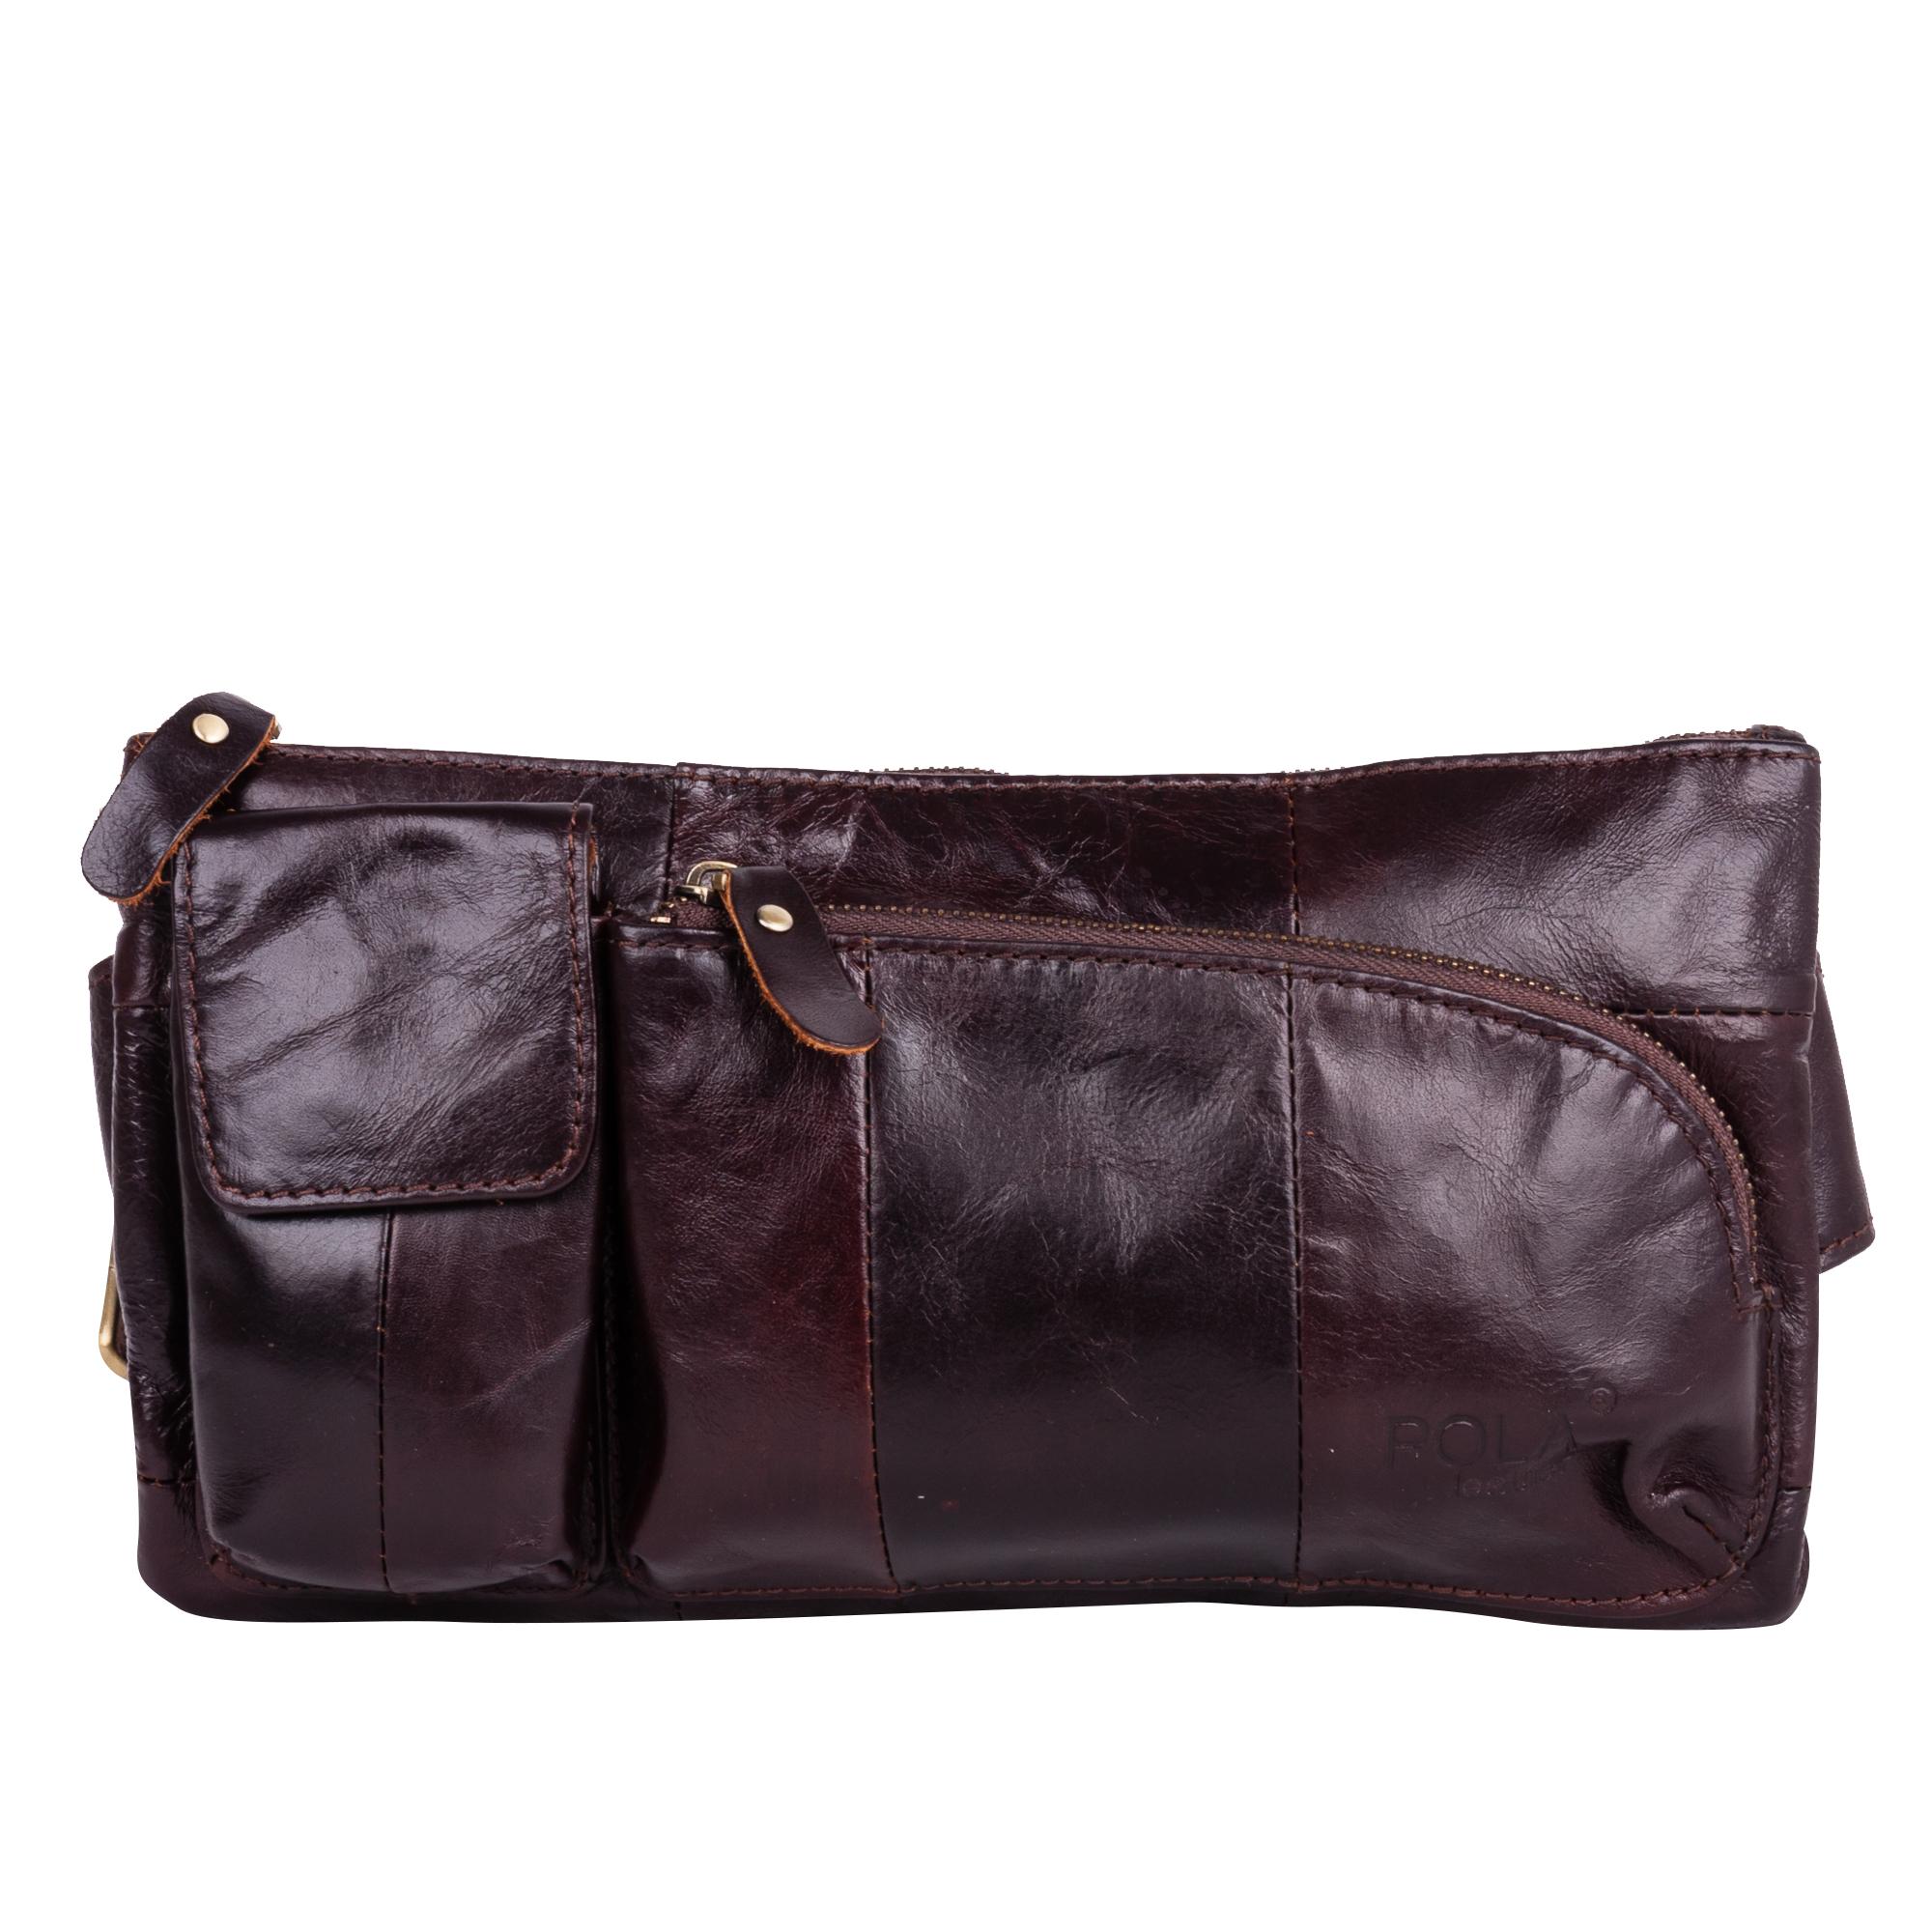 Сумка на пояс мужская Pola, цвет: коричневый. 0243Z90 blackКожаная мужская сумка Pola для ношения на поясе. Сумка состоит из одного отделения на молнии. Внутри - один карман на молнии и два открытых кармана. Снаружи - дополнительный карман на молнии сзади сумки и два накладных кармана спереди сумки. Пояс регулируется, максимальный объем 140 см.